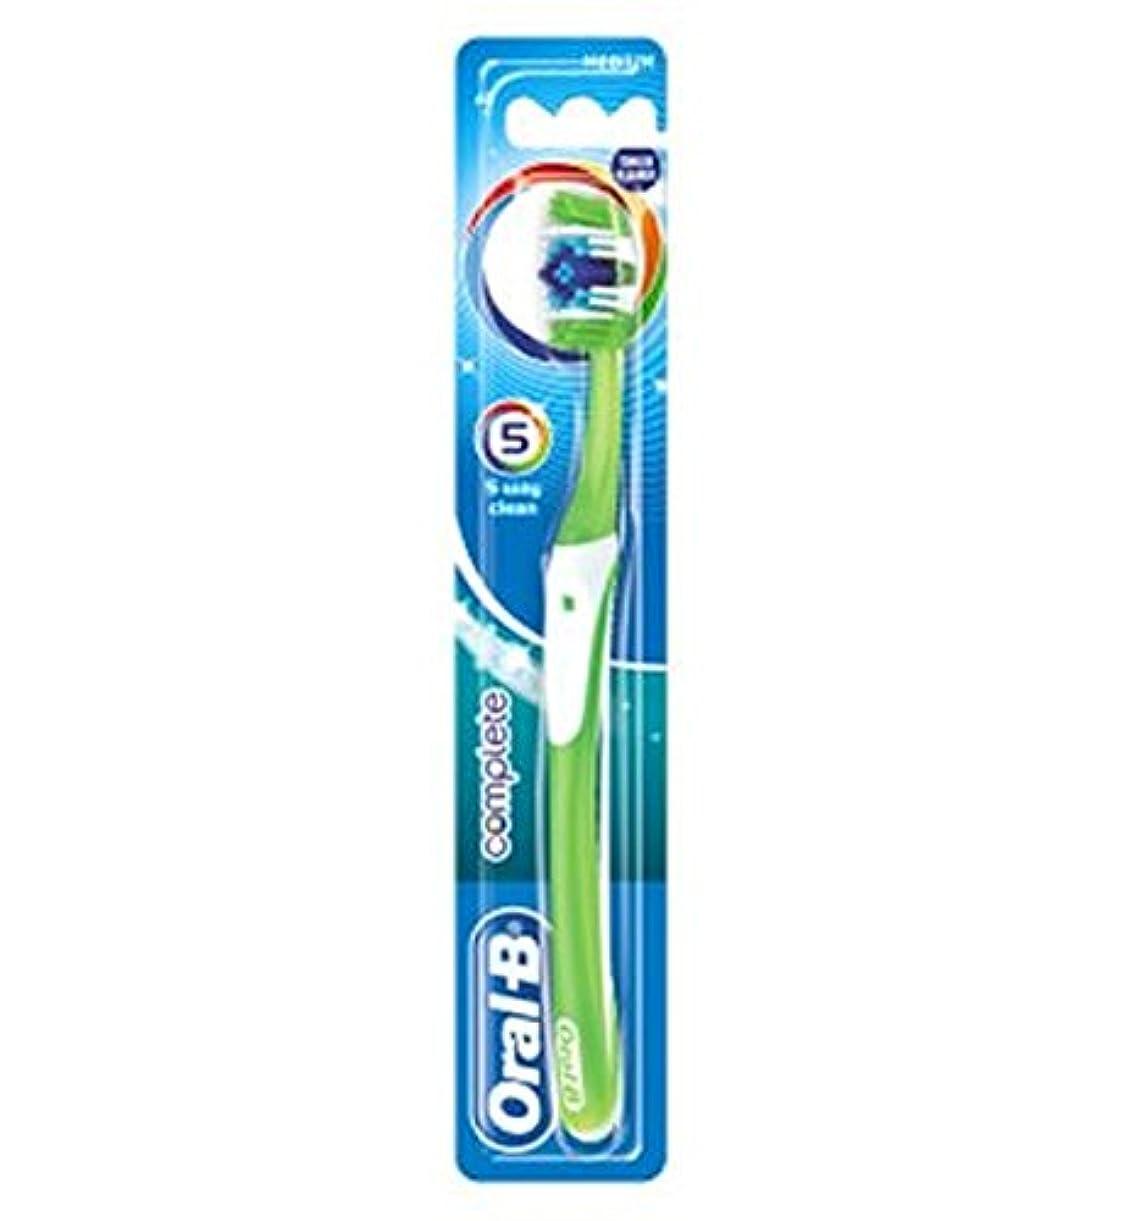 略す紳士気取りの、きざな重要オーラルBの完全な5道クリーンなメディアの手動歯ブラシ (Oral B) (x2) - Oral-B Complete 5 Way Clean Medium Manual Toothbrush (Pack of 2) [...